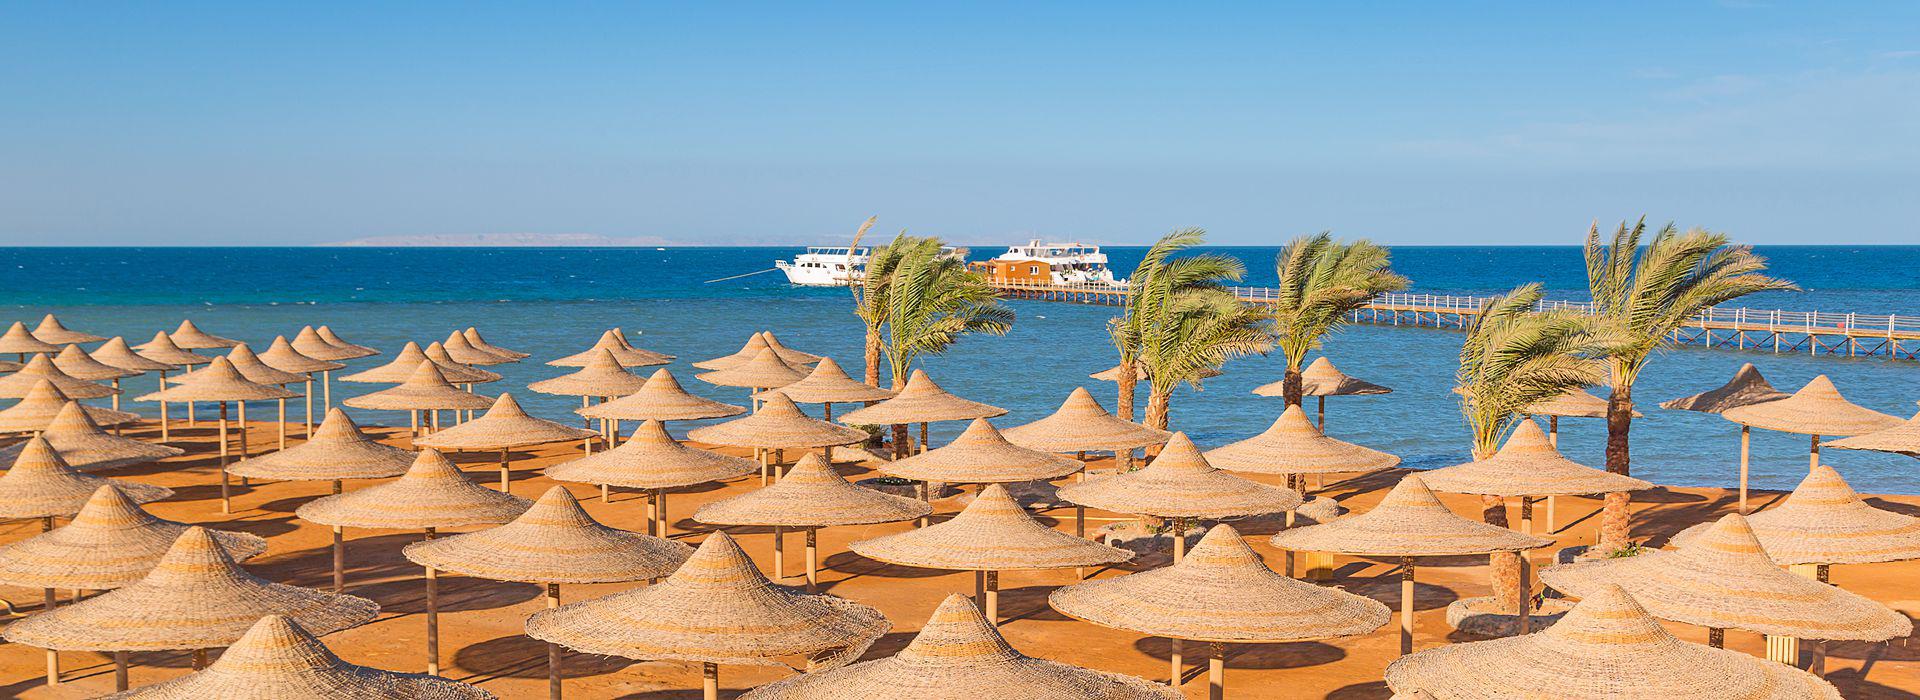 Пляж Хургады Олд-Вик